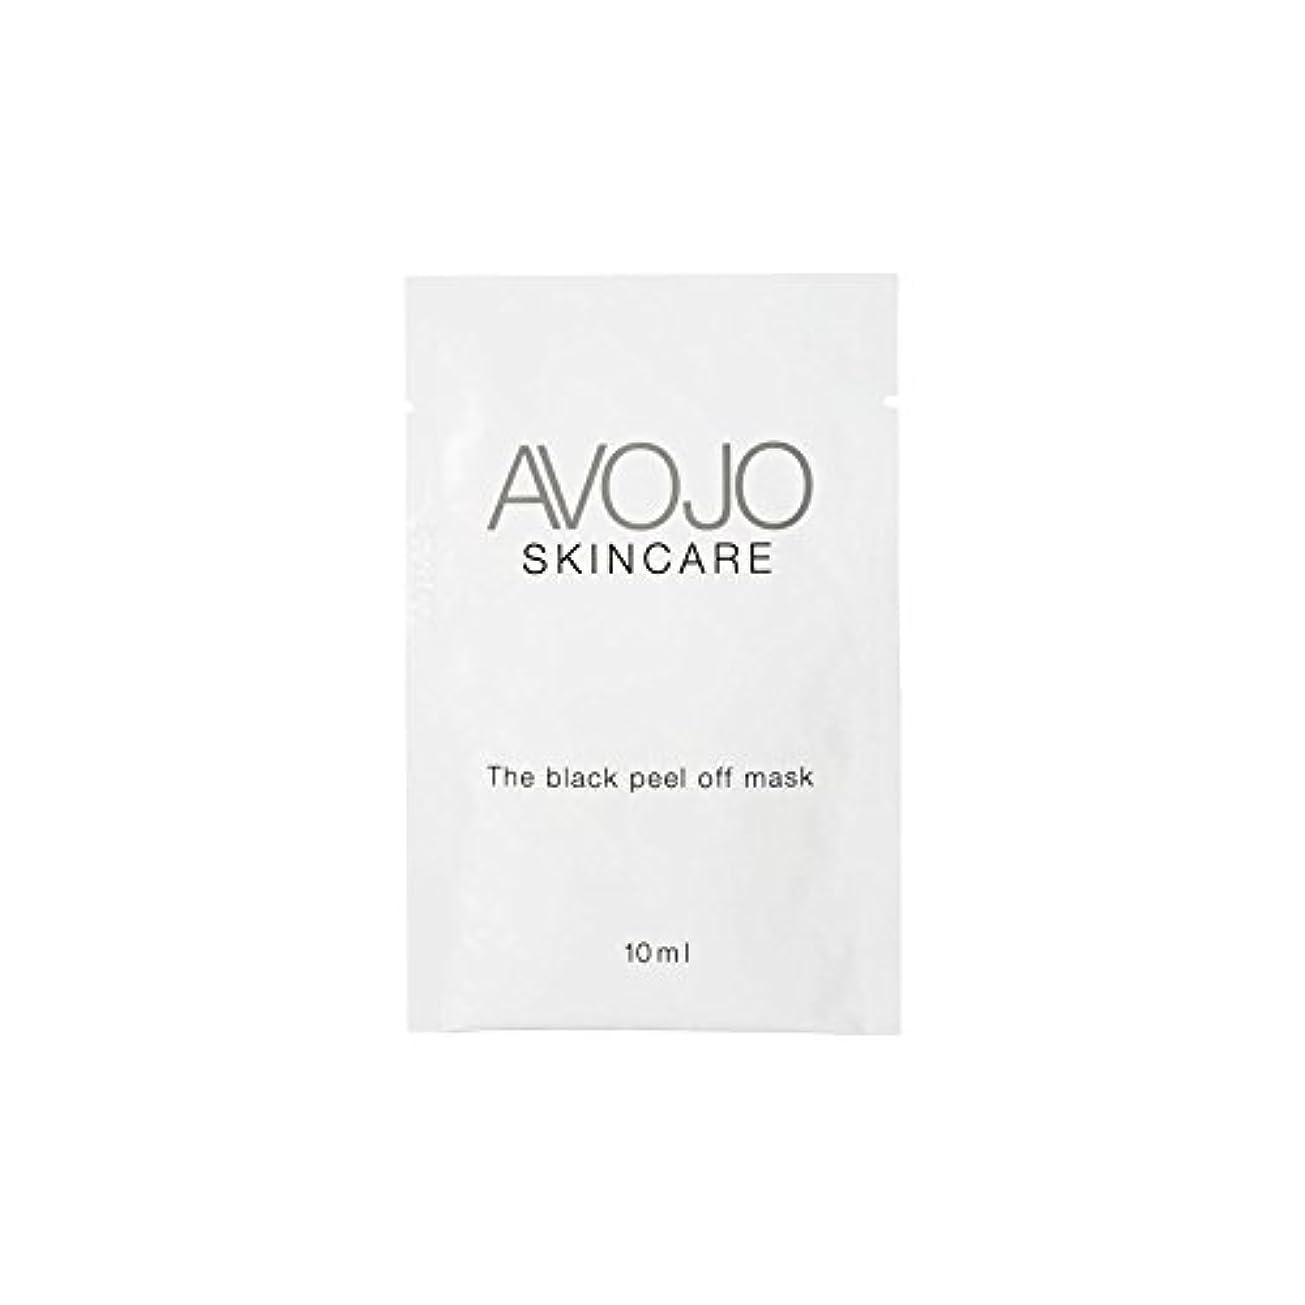 輝くオッズバッジ- ブラックピールオフマスク - 小袋(10ミリリットル×4) x4 - Avojo - The Black Peel Off Mask - Sachet (10ml X 4) (Pack of 4) [並行輸入品]